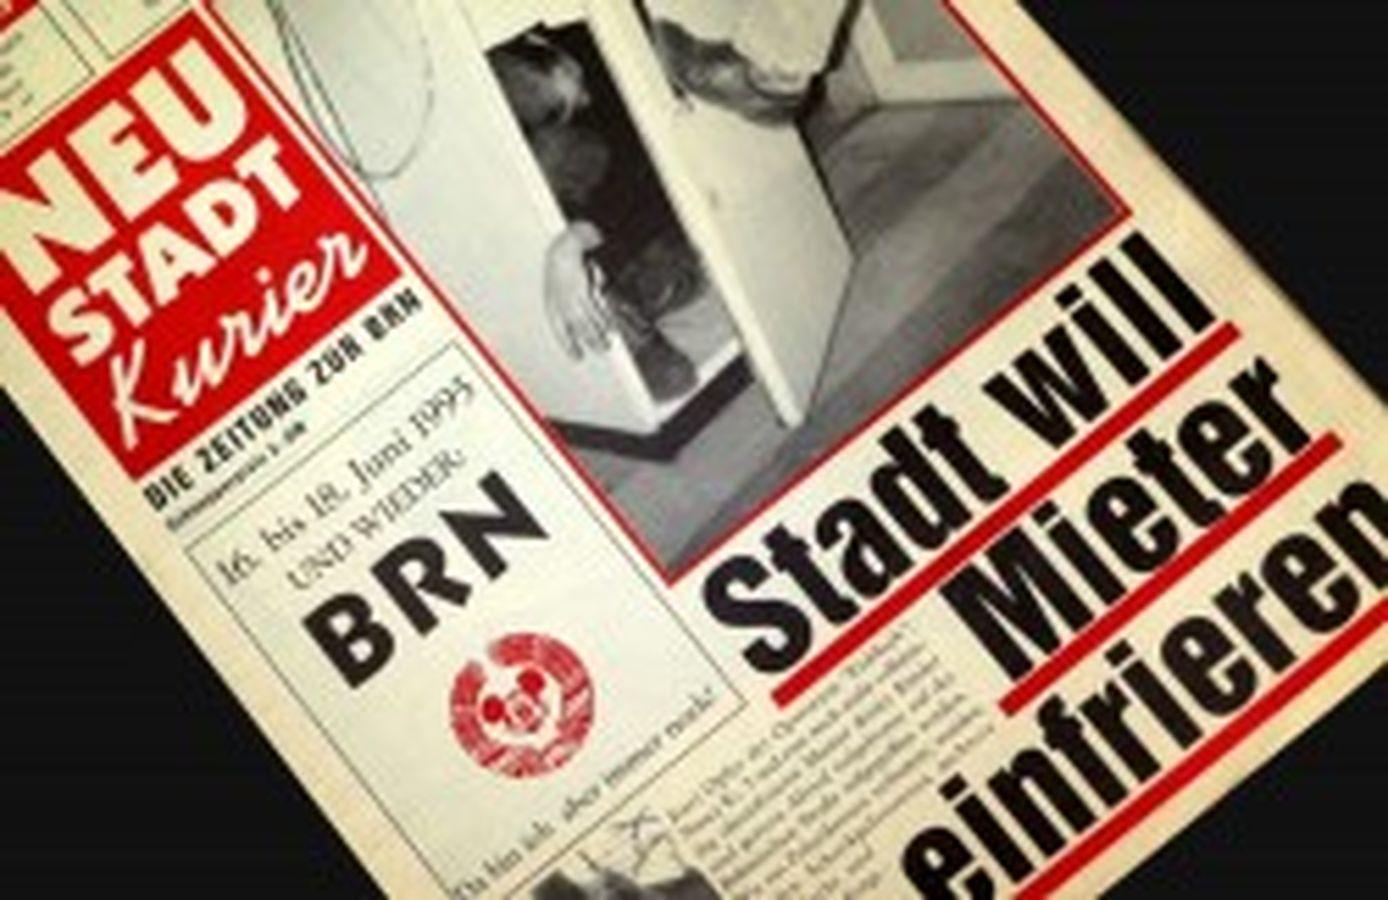 BRN-Zeitung von 1995 ... damals noch mit Arafat-Interview